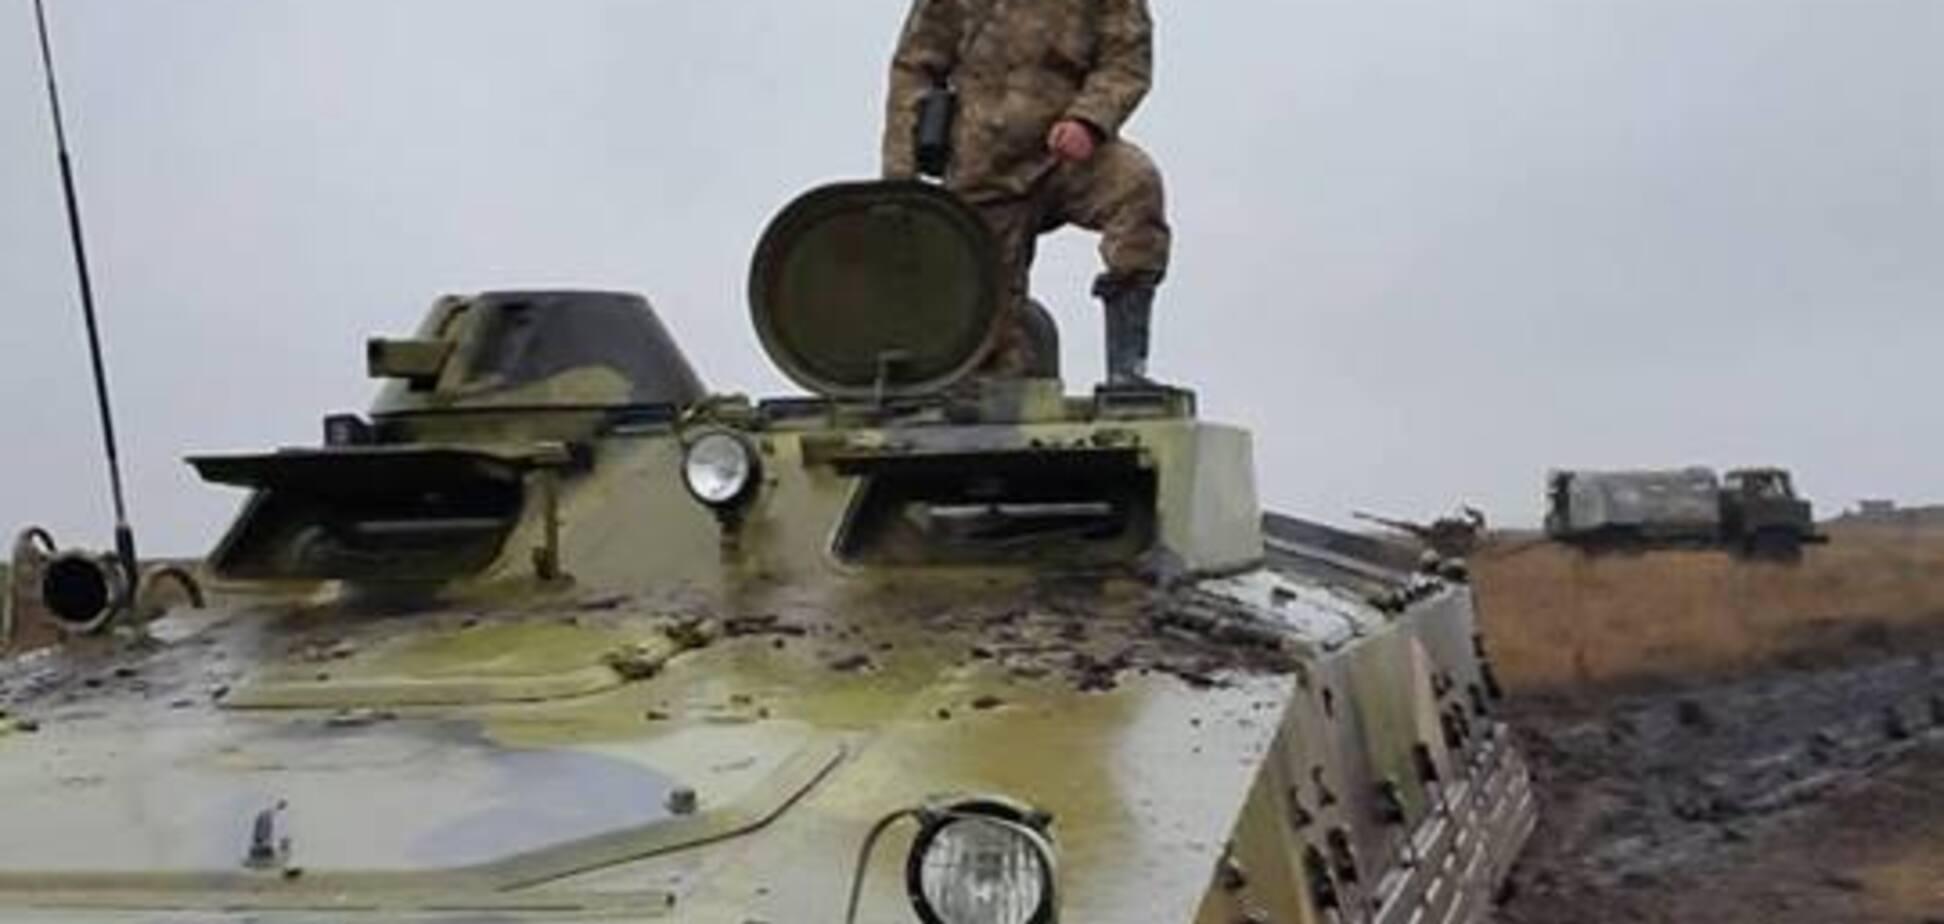 Развлечение по-армейски: я не ожидал подвоха